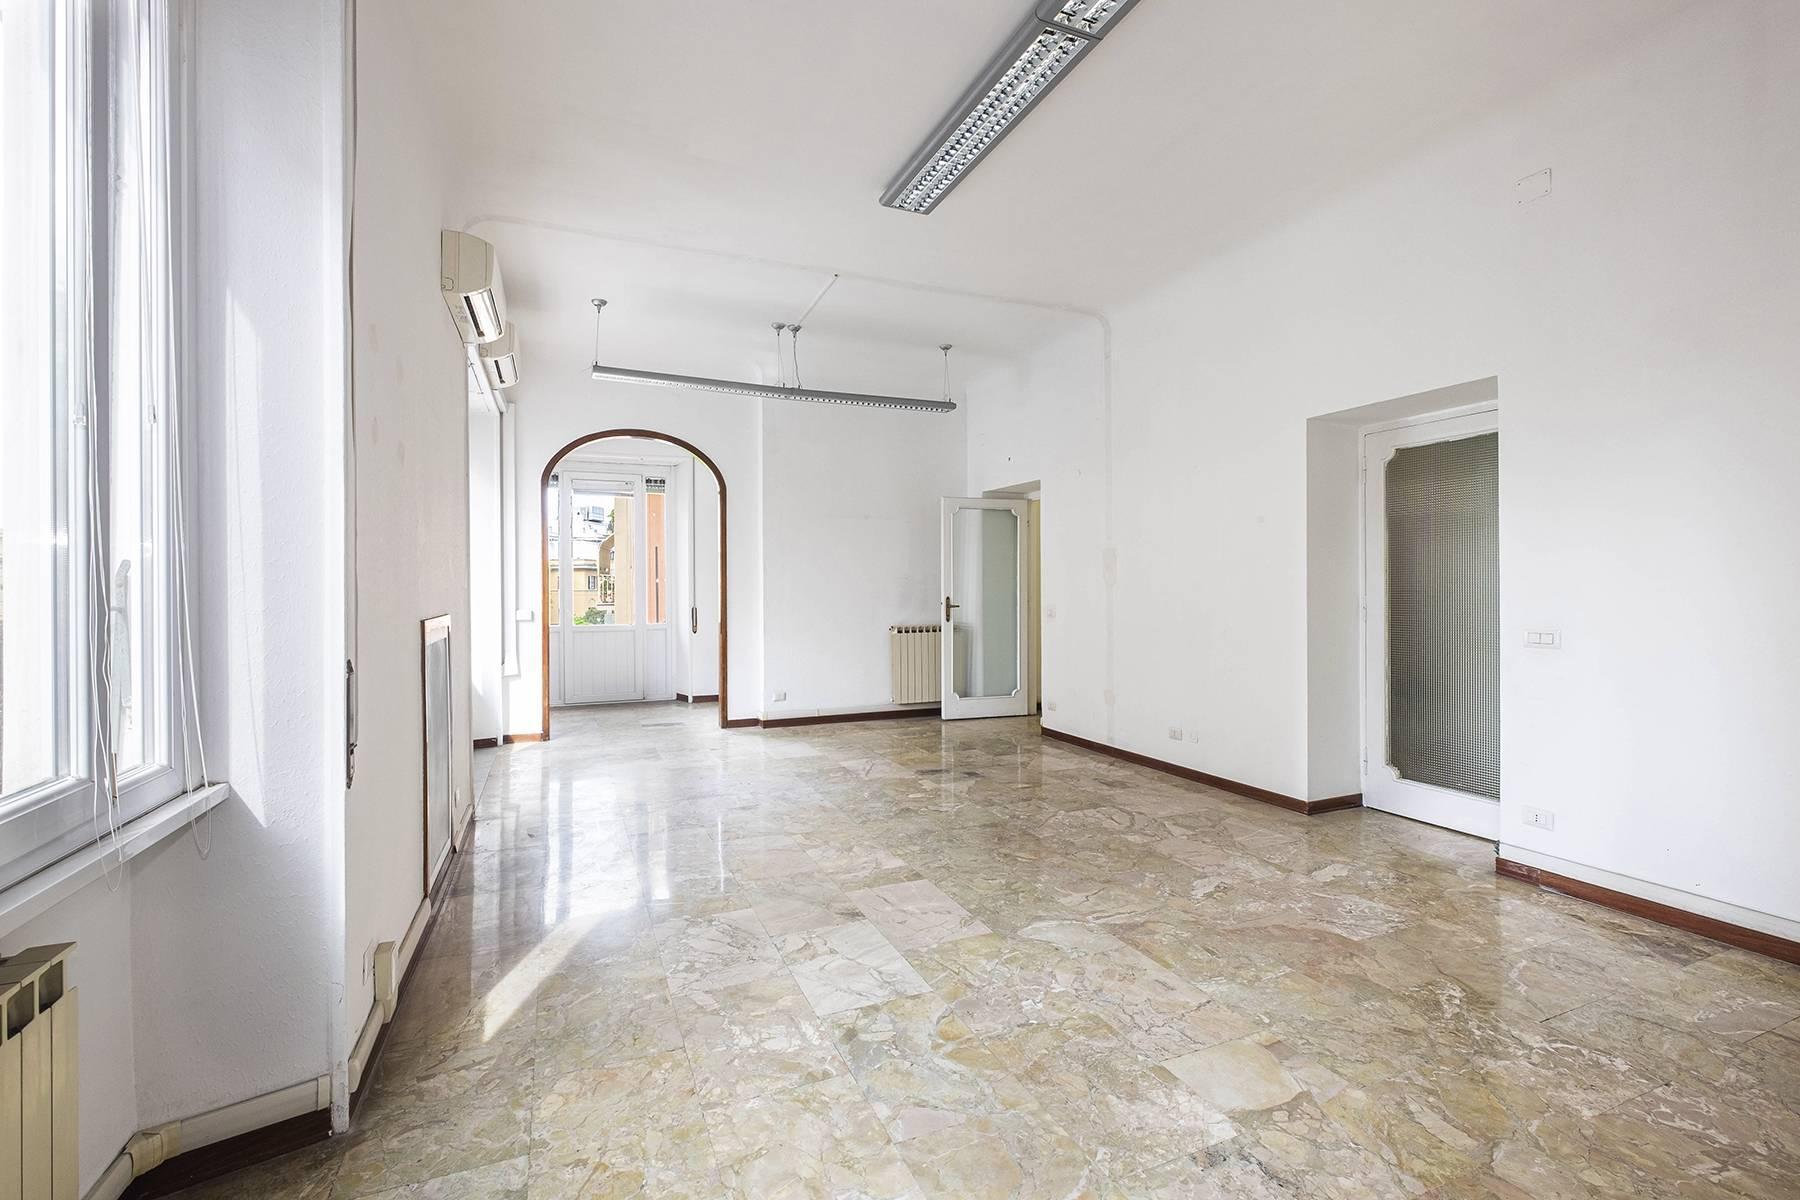 Elegante appartamento nei pressi di Villa Torlonia - 20